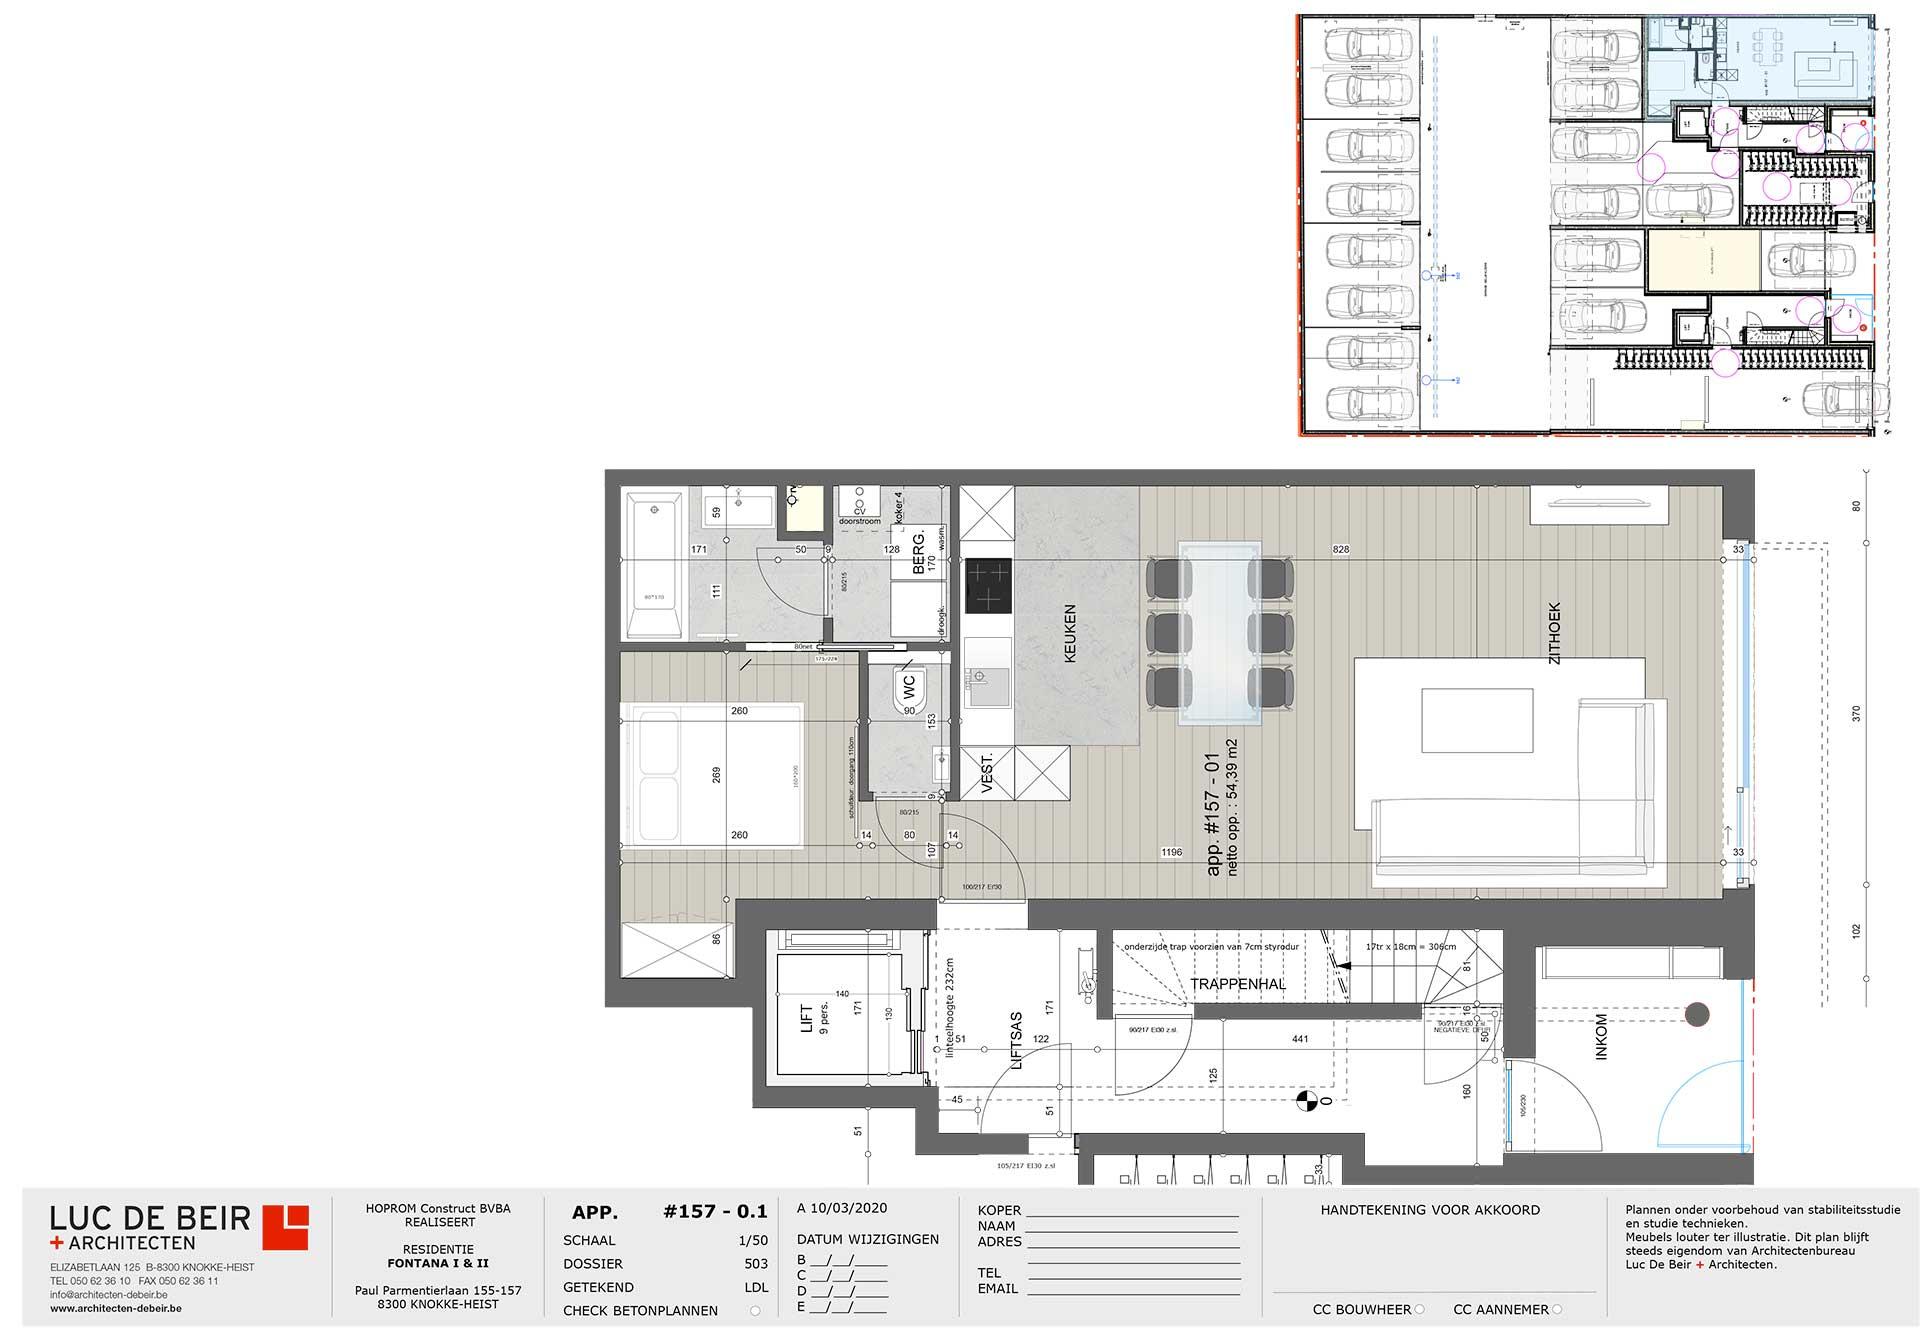 Residentie <br/> Fontana - image residentie-fontana-appartement-te-koop-knokke-plannen-157-01-2 on https://hoprom.be